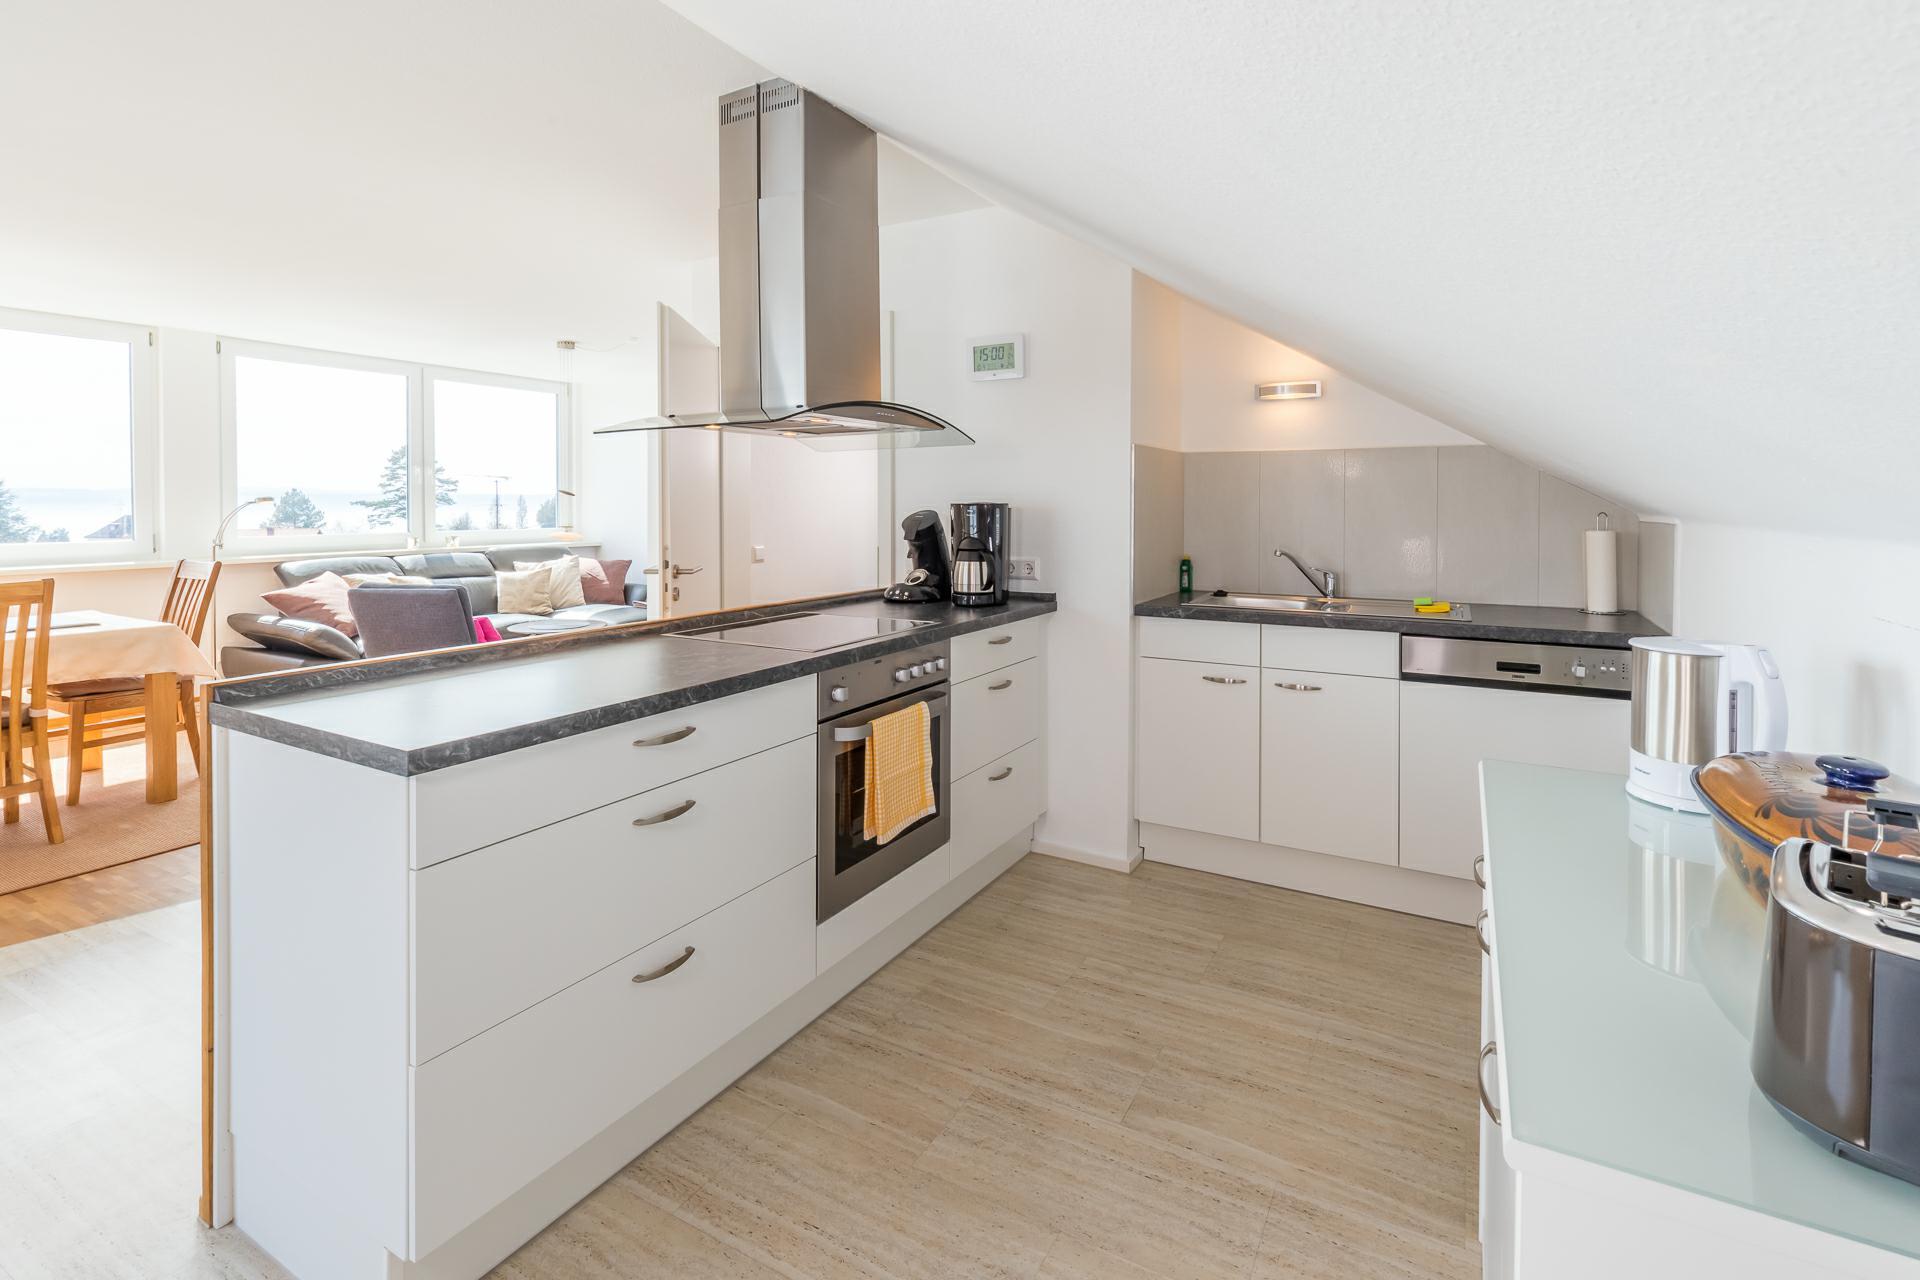 Wohnküche komplett ausgestattet